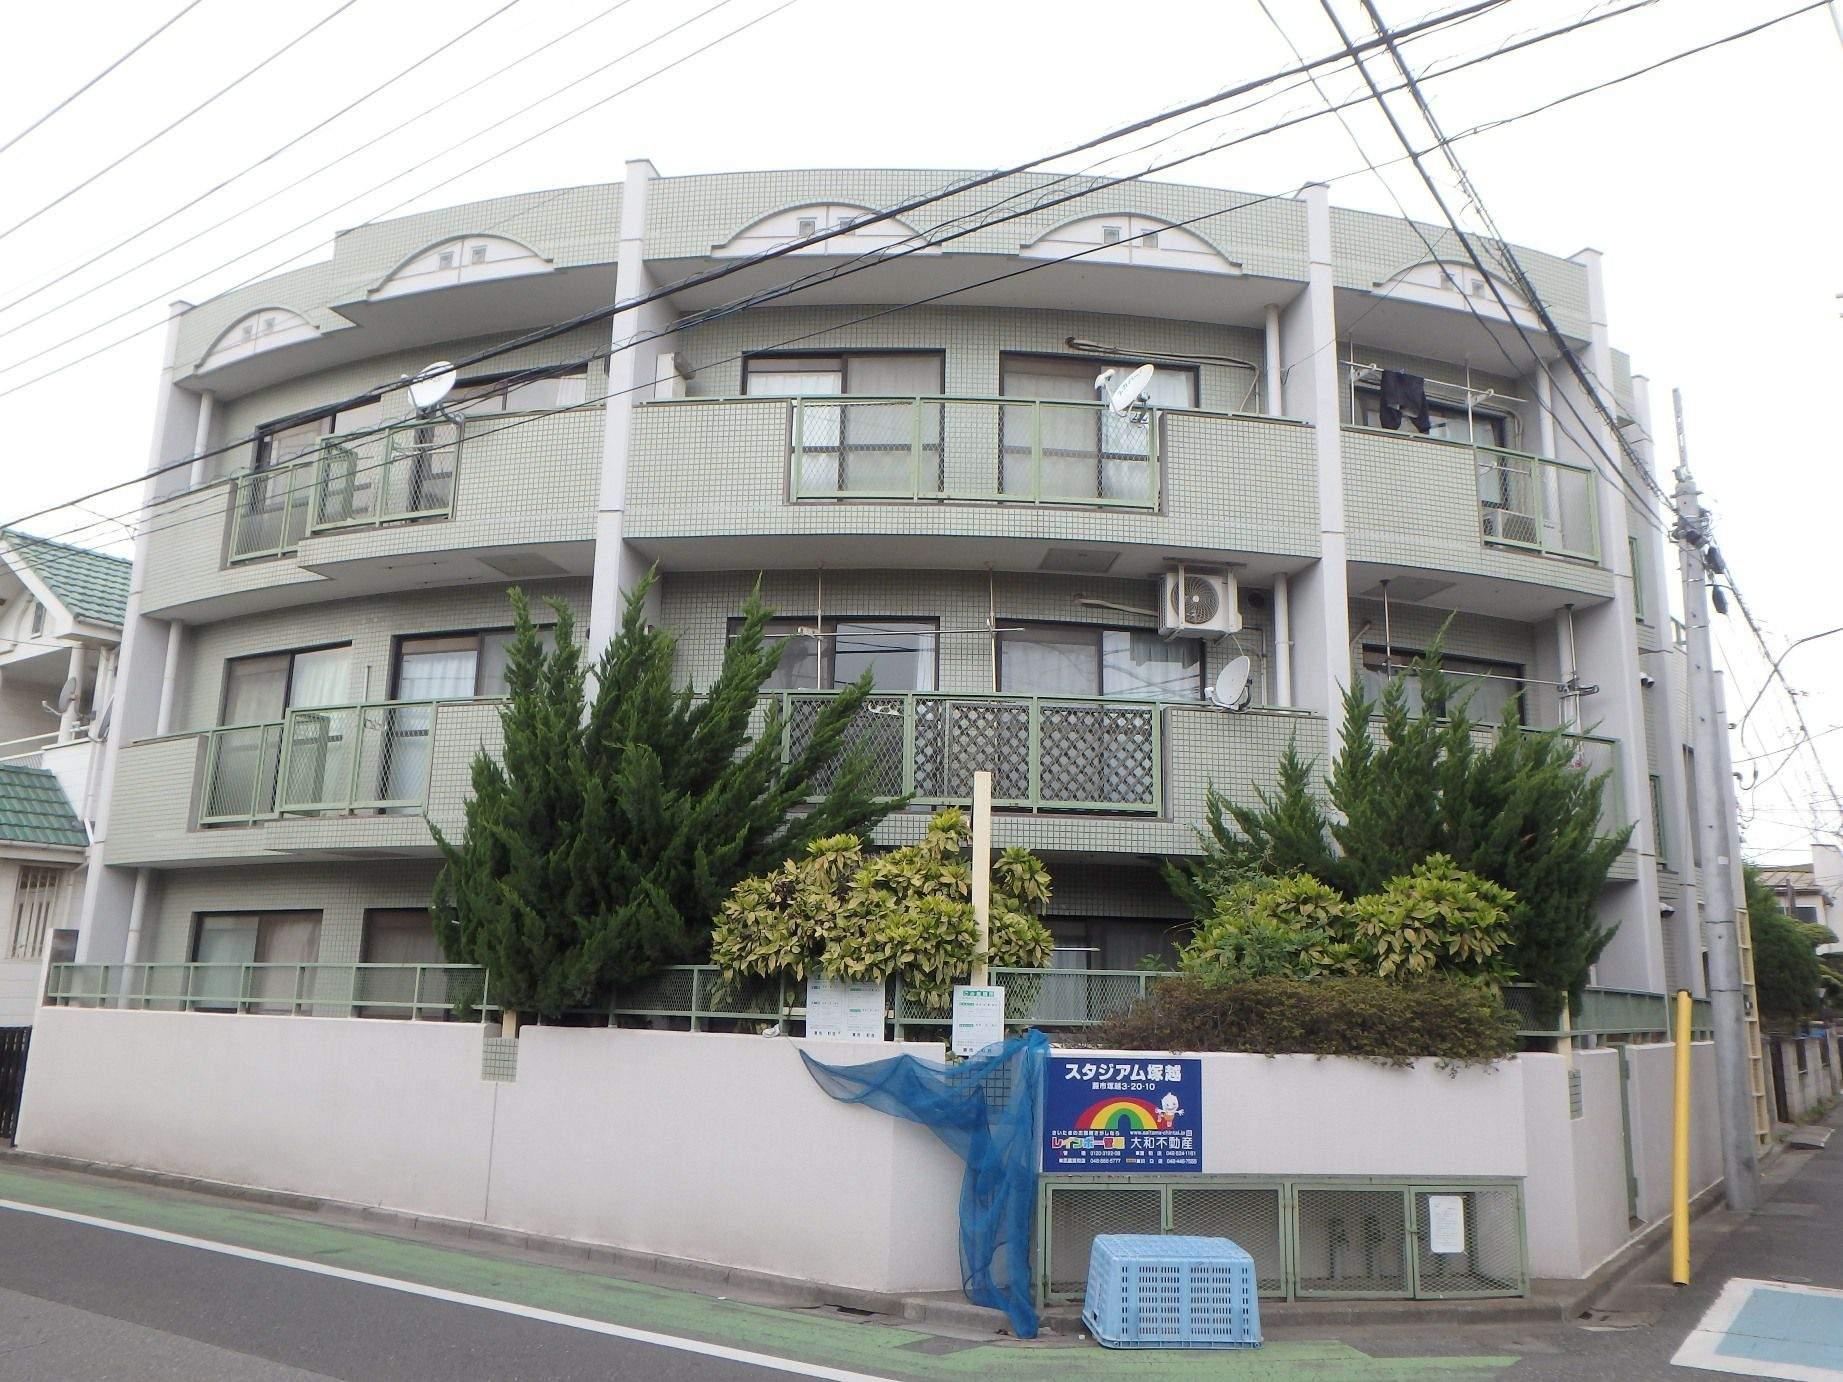 埼玉県蕨市、蕨駅徒歩13分の築28年 3階建の賃貸マンション